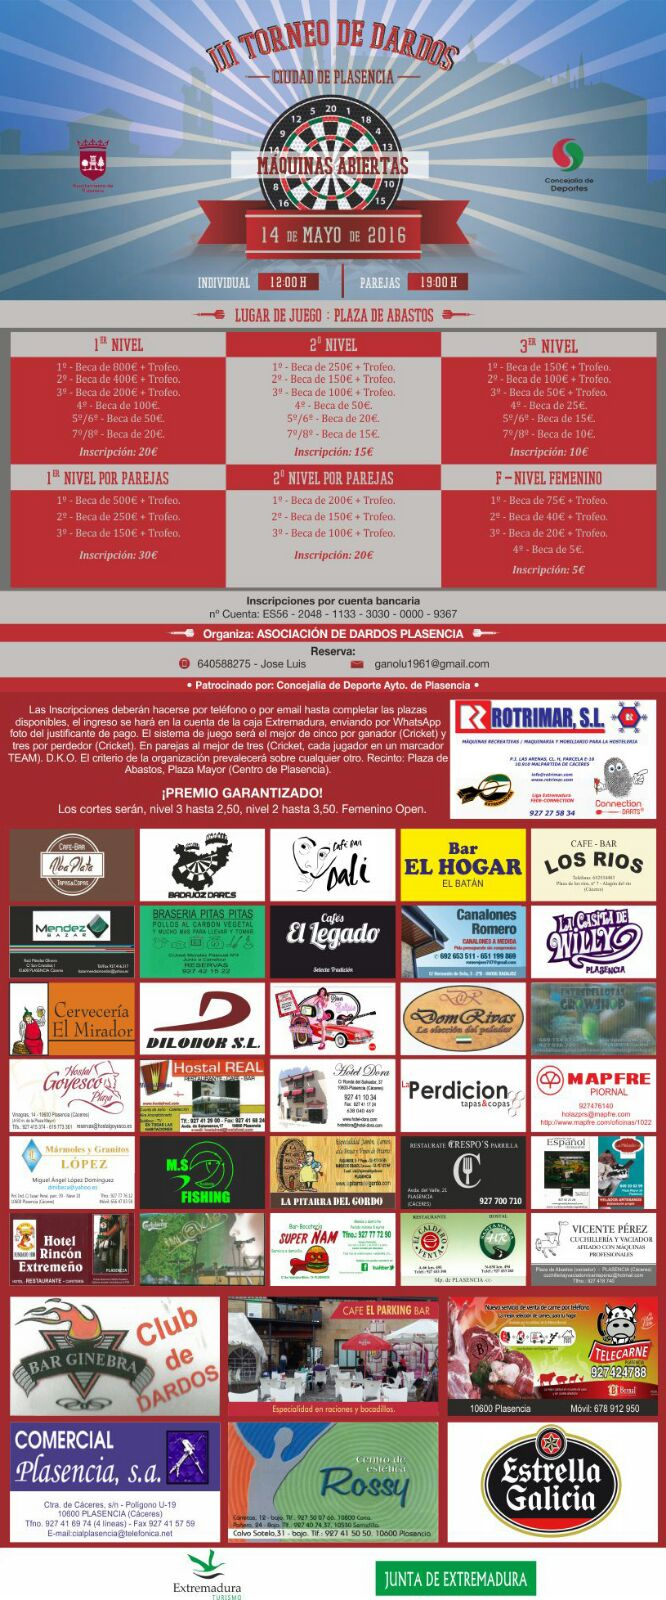 III Campeonato de dardos electrónicos Ciudad de Plasencia